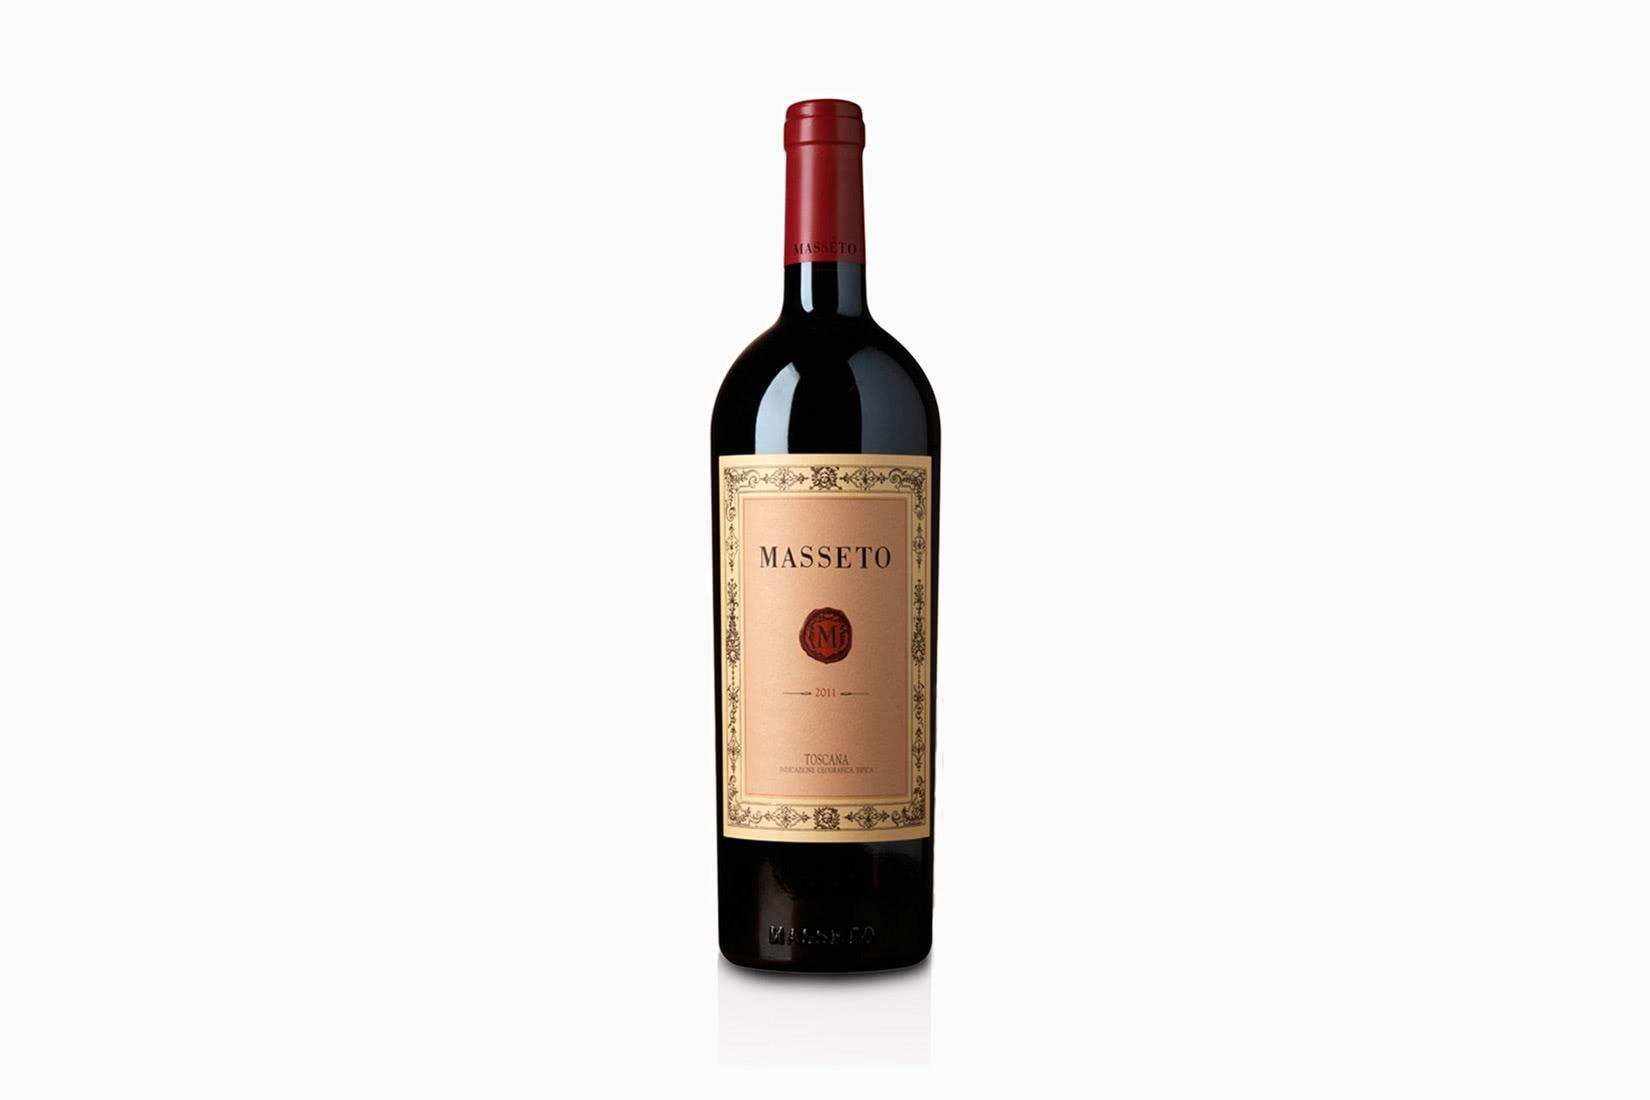 best wine masseto - Luxe Digital